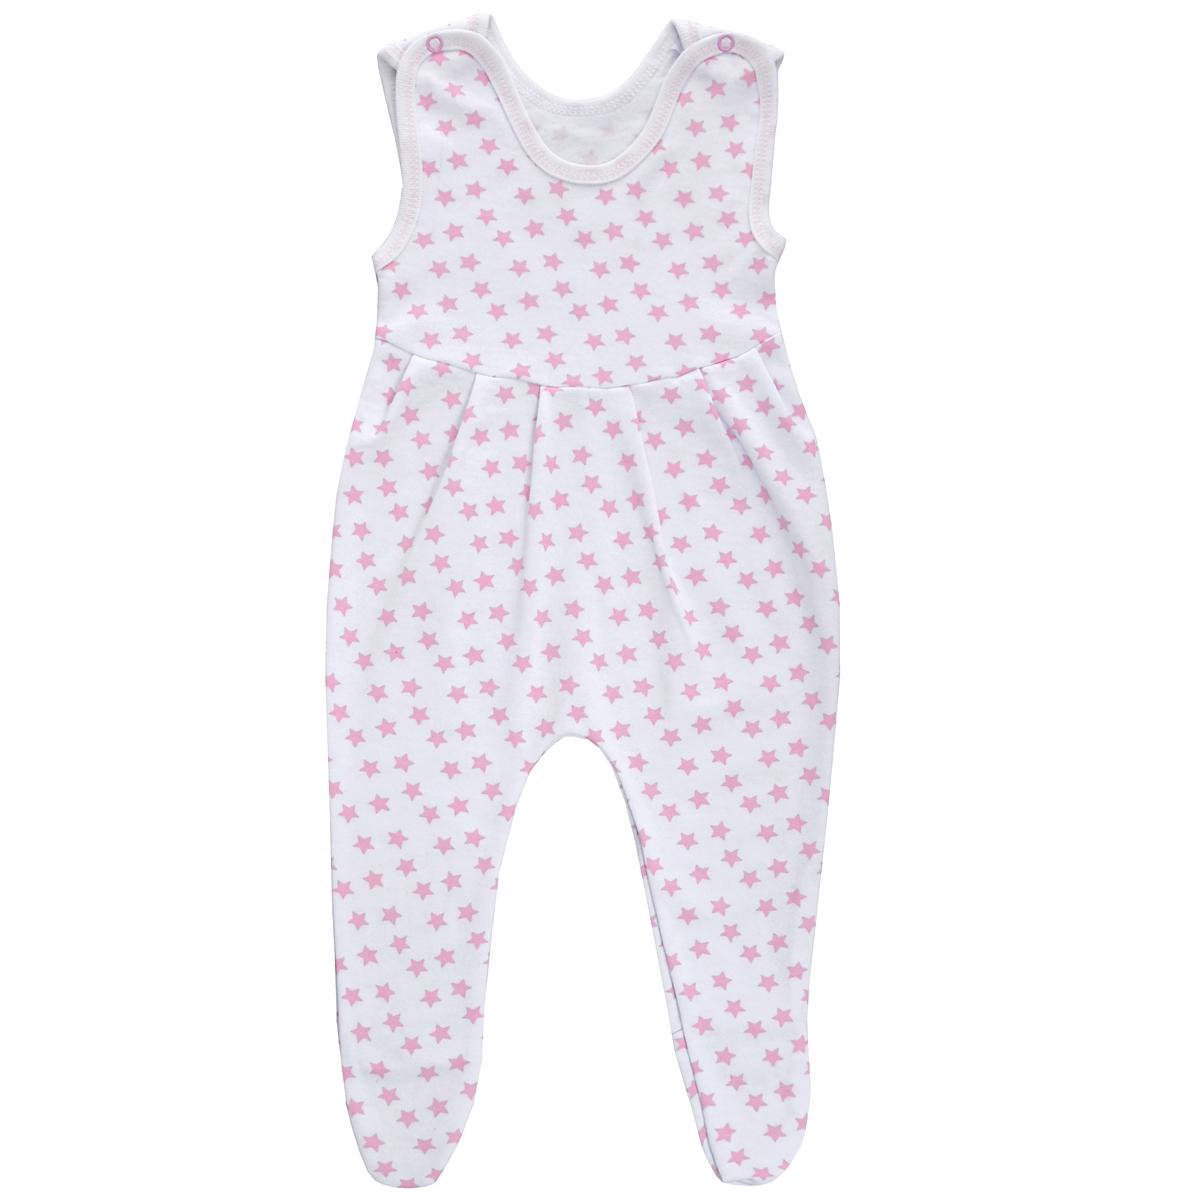 Ползунки с грудкой. 52215221Ползунки с грудкой Трон-плюс - очень удобный и практичный вид одежды для малышей. Ползунки выполнены из футера - натурального хлопка, благодаря чему они необычайно мягкие, тепленькие и приятные на ощупь, не раздражают нежную кожу ребенка и хорошо вентилируются, а эластичные швы приятны телу младенца и не препятствуют его движениям. Ползунки с закрытыми ножками, застегивающиеся сверху на две кнопочки, идеально подойдут вашему ребенку, обеспечивая ему наибольший комфорт, подходят для ношения с подгузником и без него. От линии груди заложены складочки, придающие изделию оригинальность. Ползунки с грудкой полностью соответствуют особенностям жизни младенца в ранний период, не стесняя и не ограничивая его в движениях!